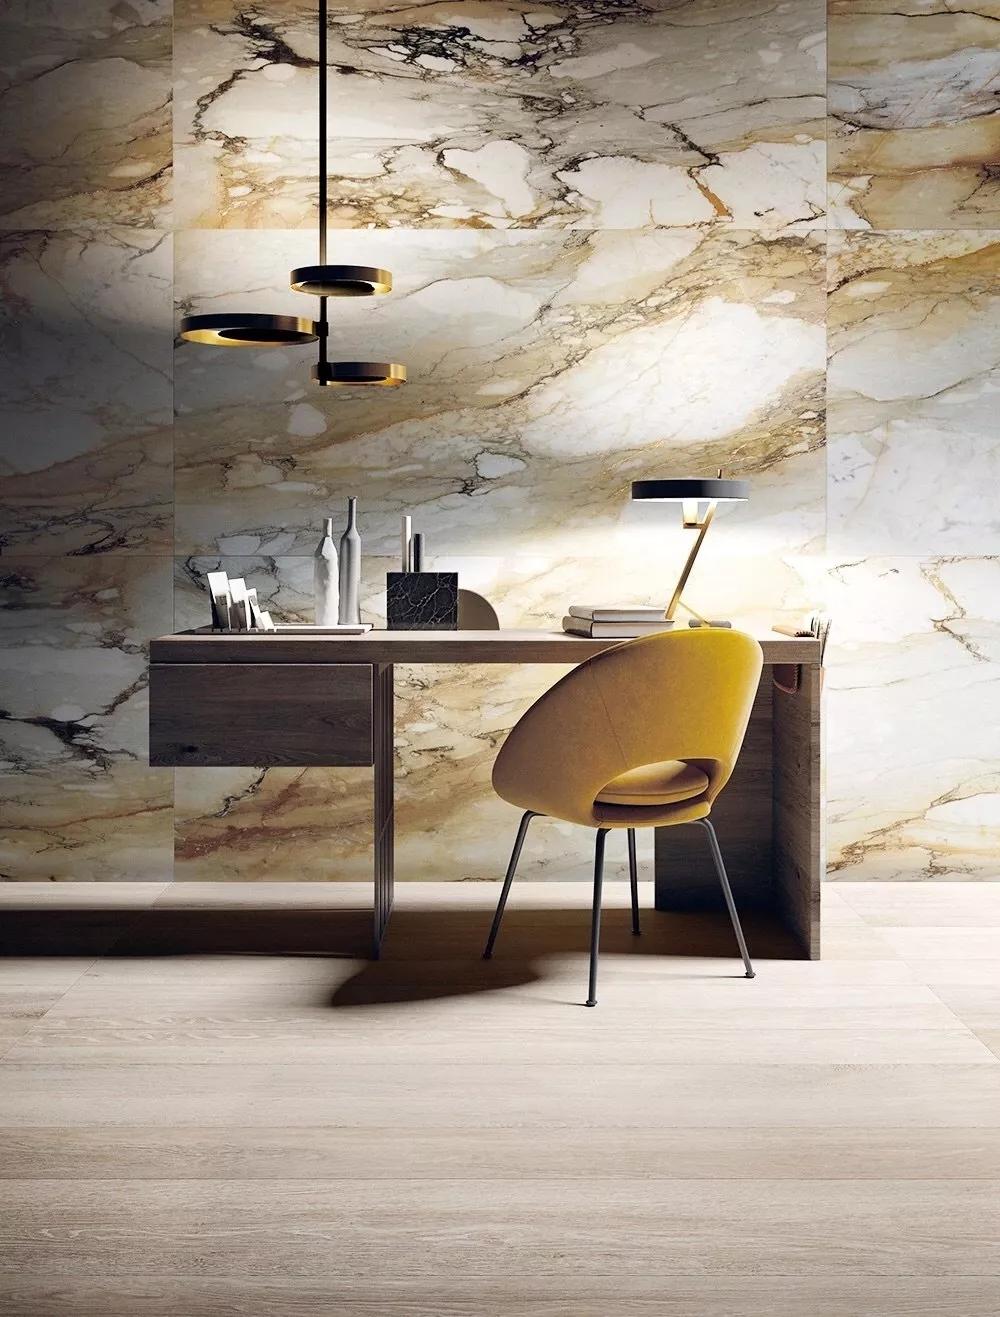 优雅与精致的艺术合体非瓷砖背景墙莫属?